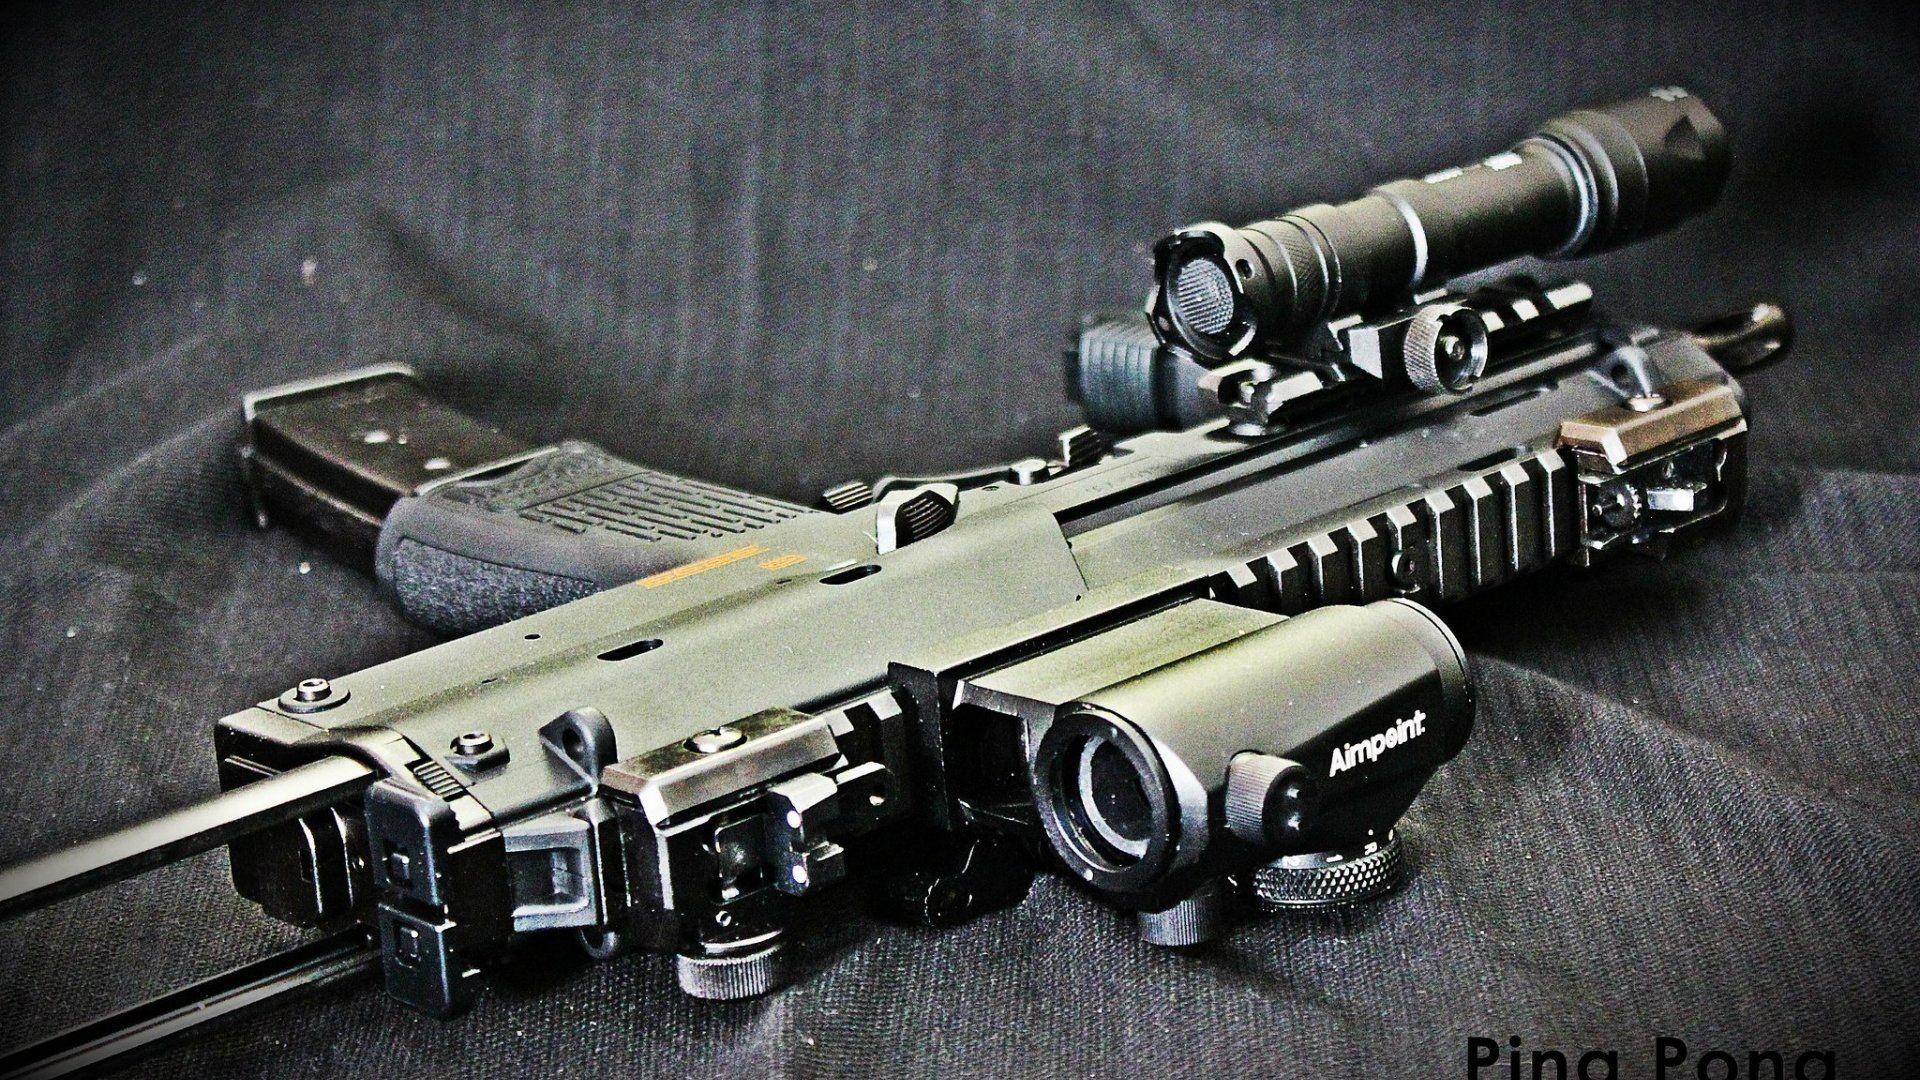 wallpaper: assault gun, airsoft, guns, weapons, army, …